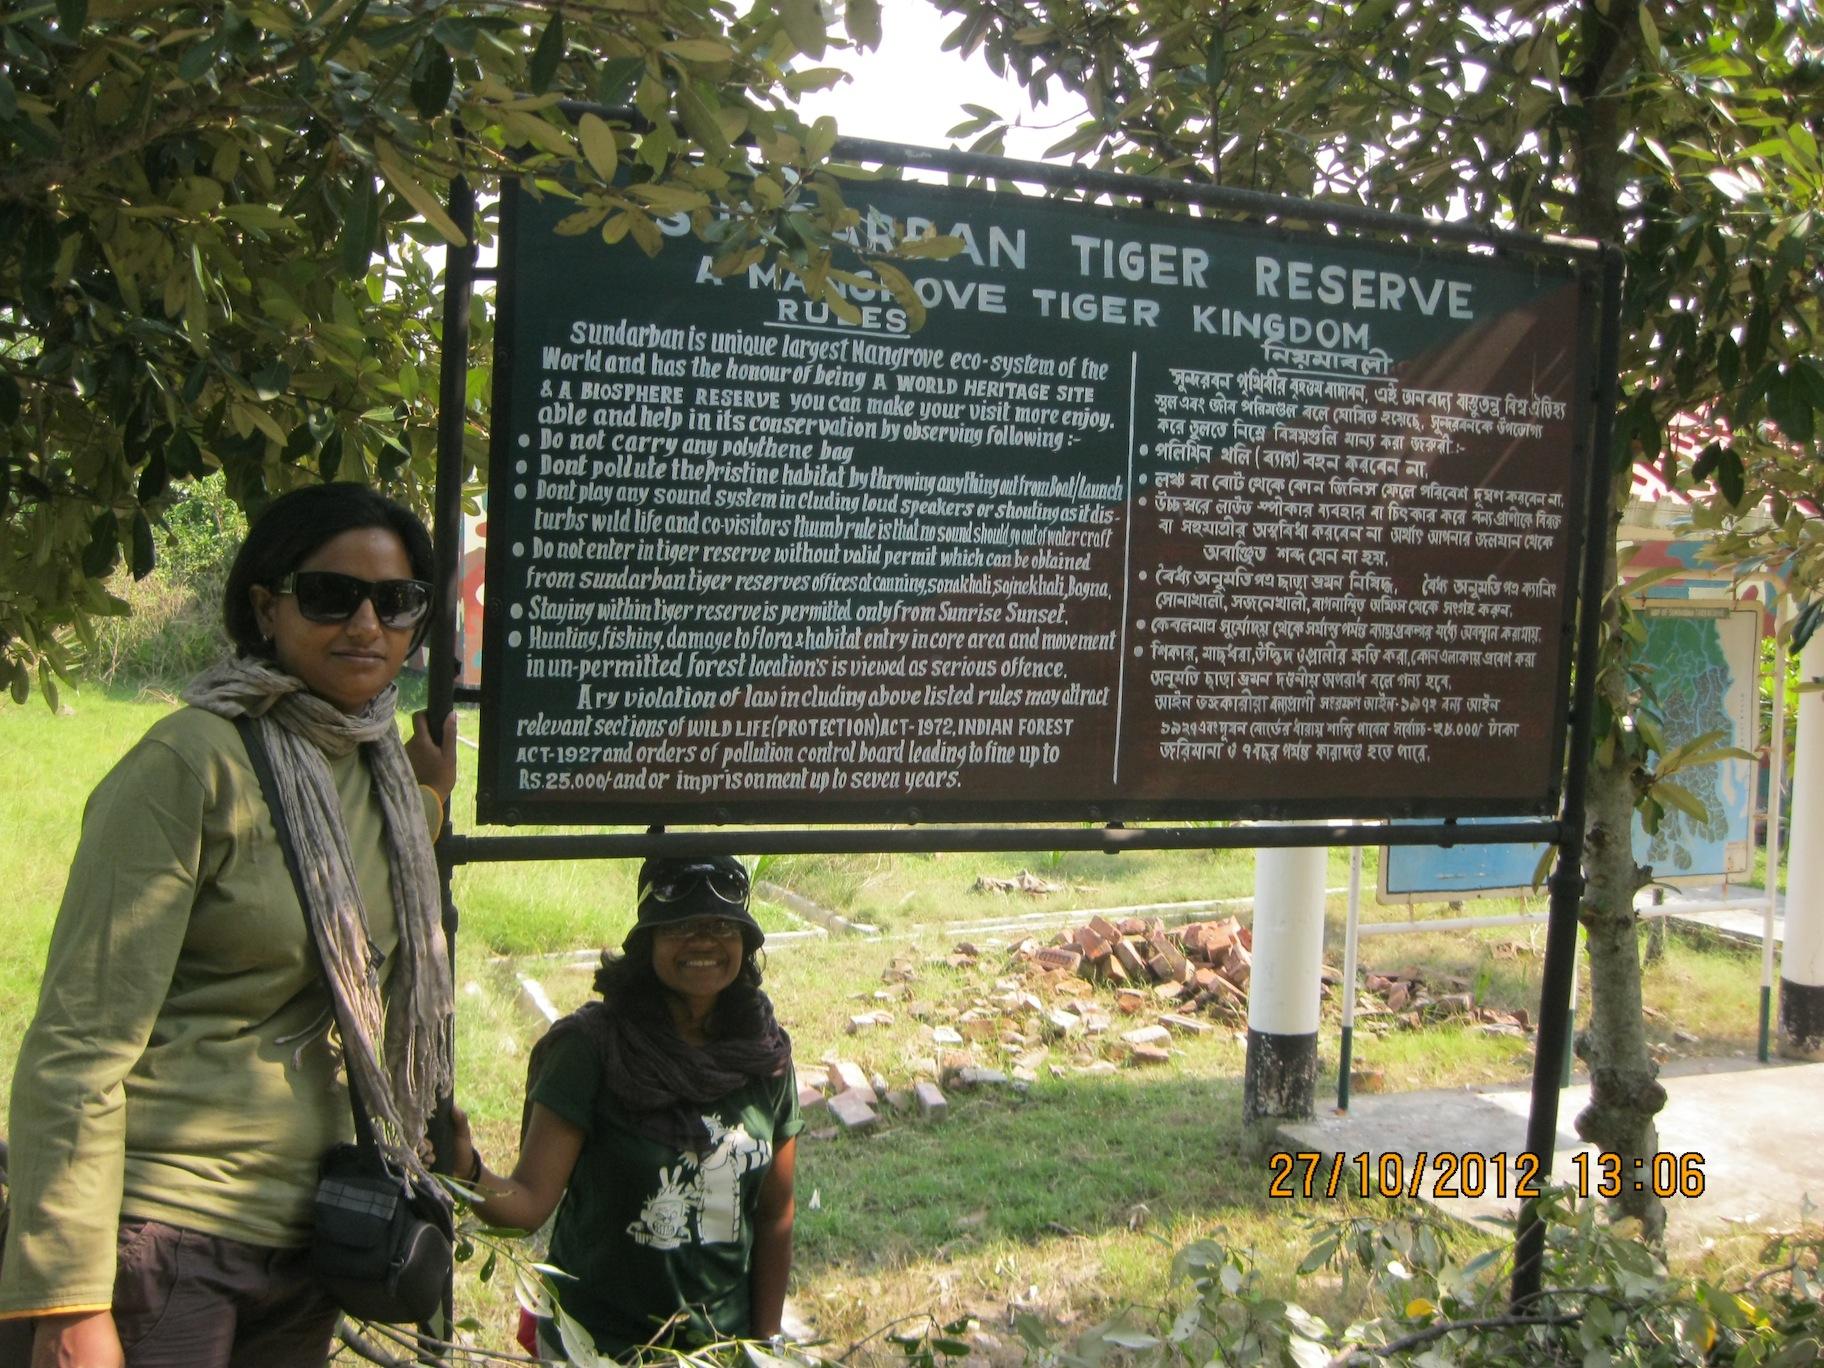 Mangroove Tiger Reserve